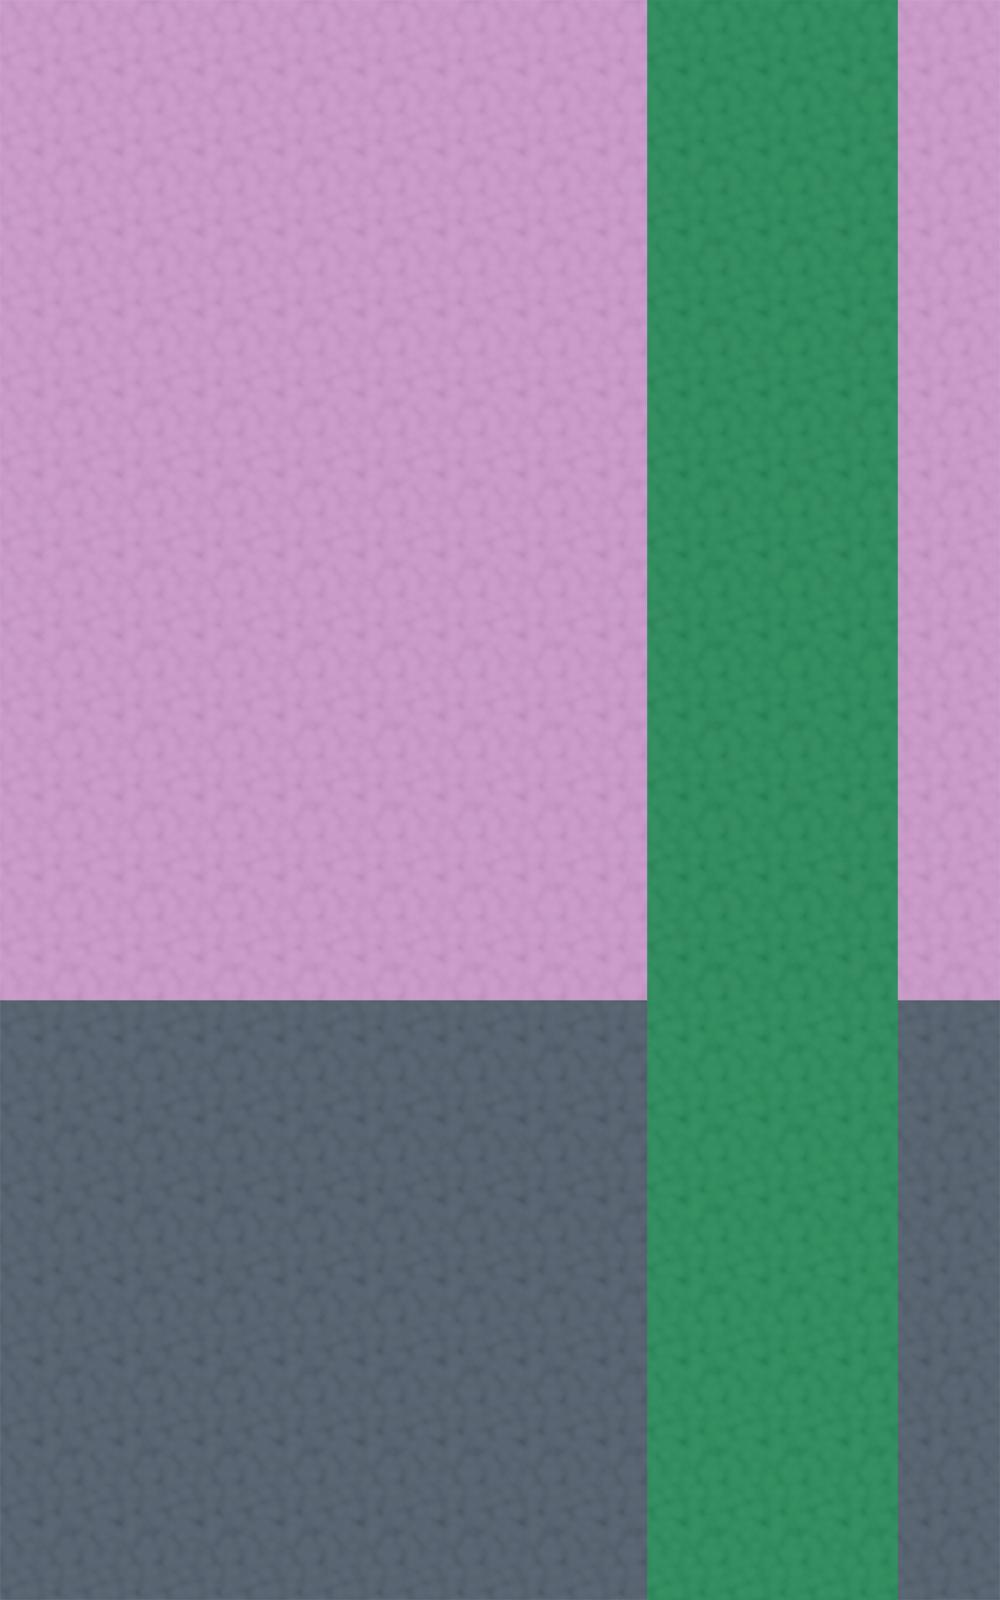 和紙風の表紙画像(2-e)